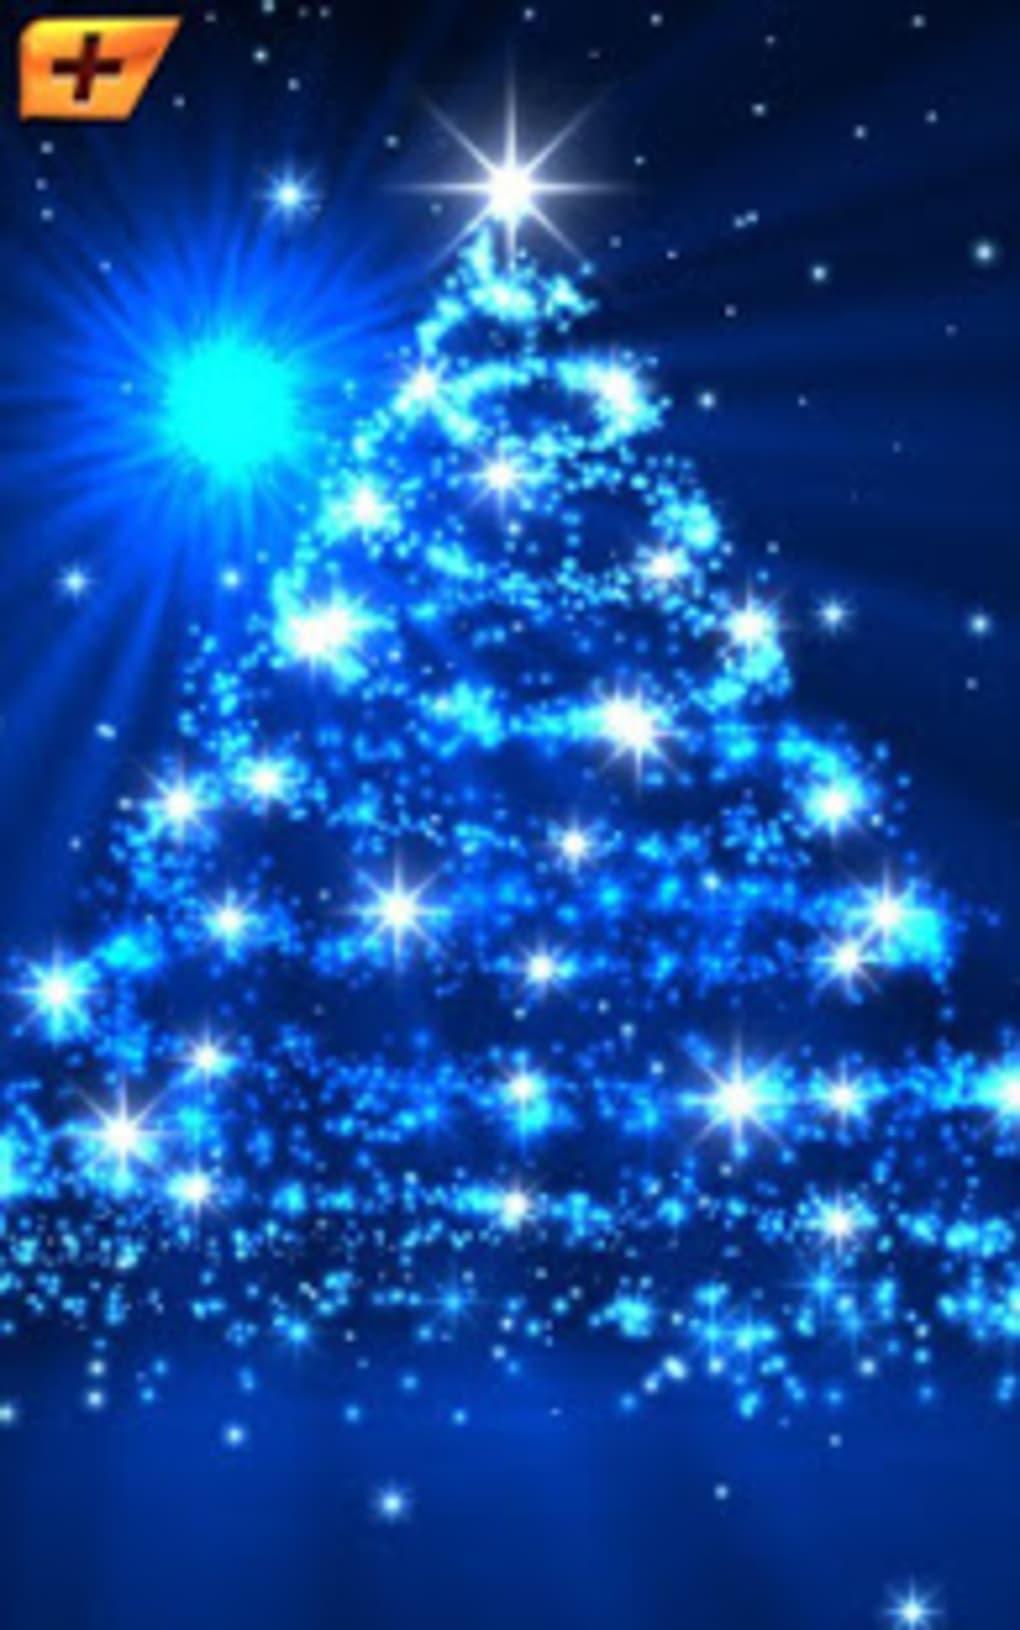 きらびやかなクリスマスライブ壁紙無料 For Android ダウンロード